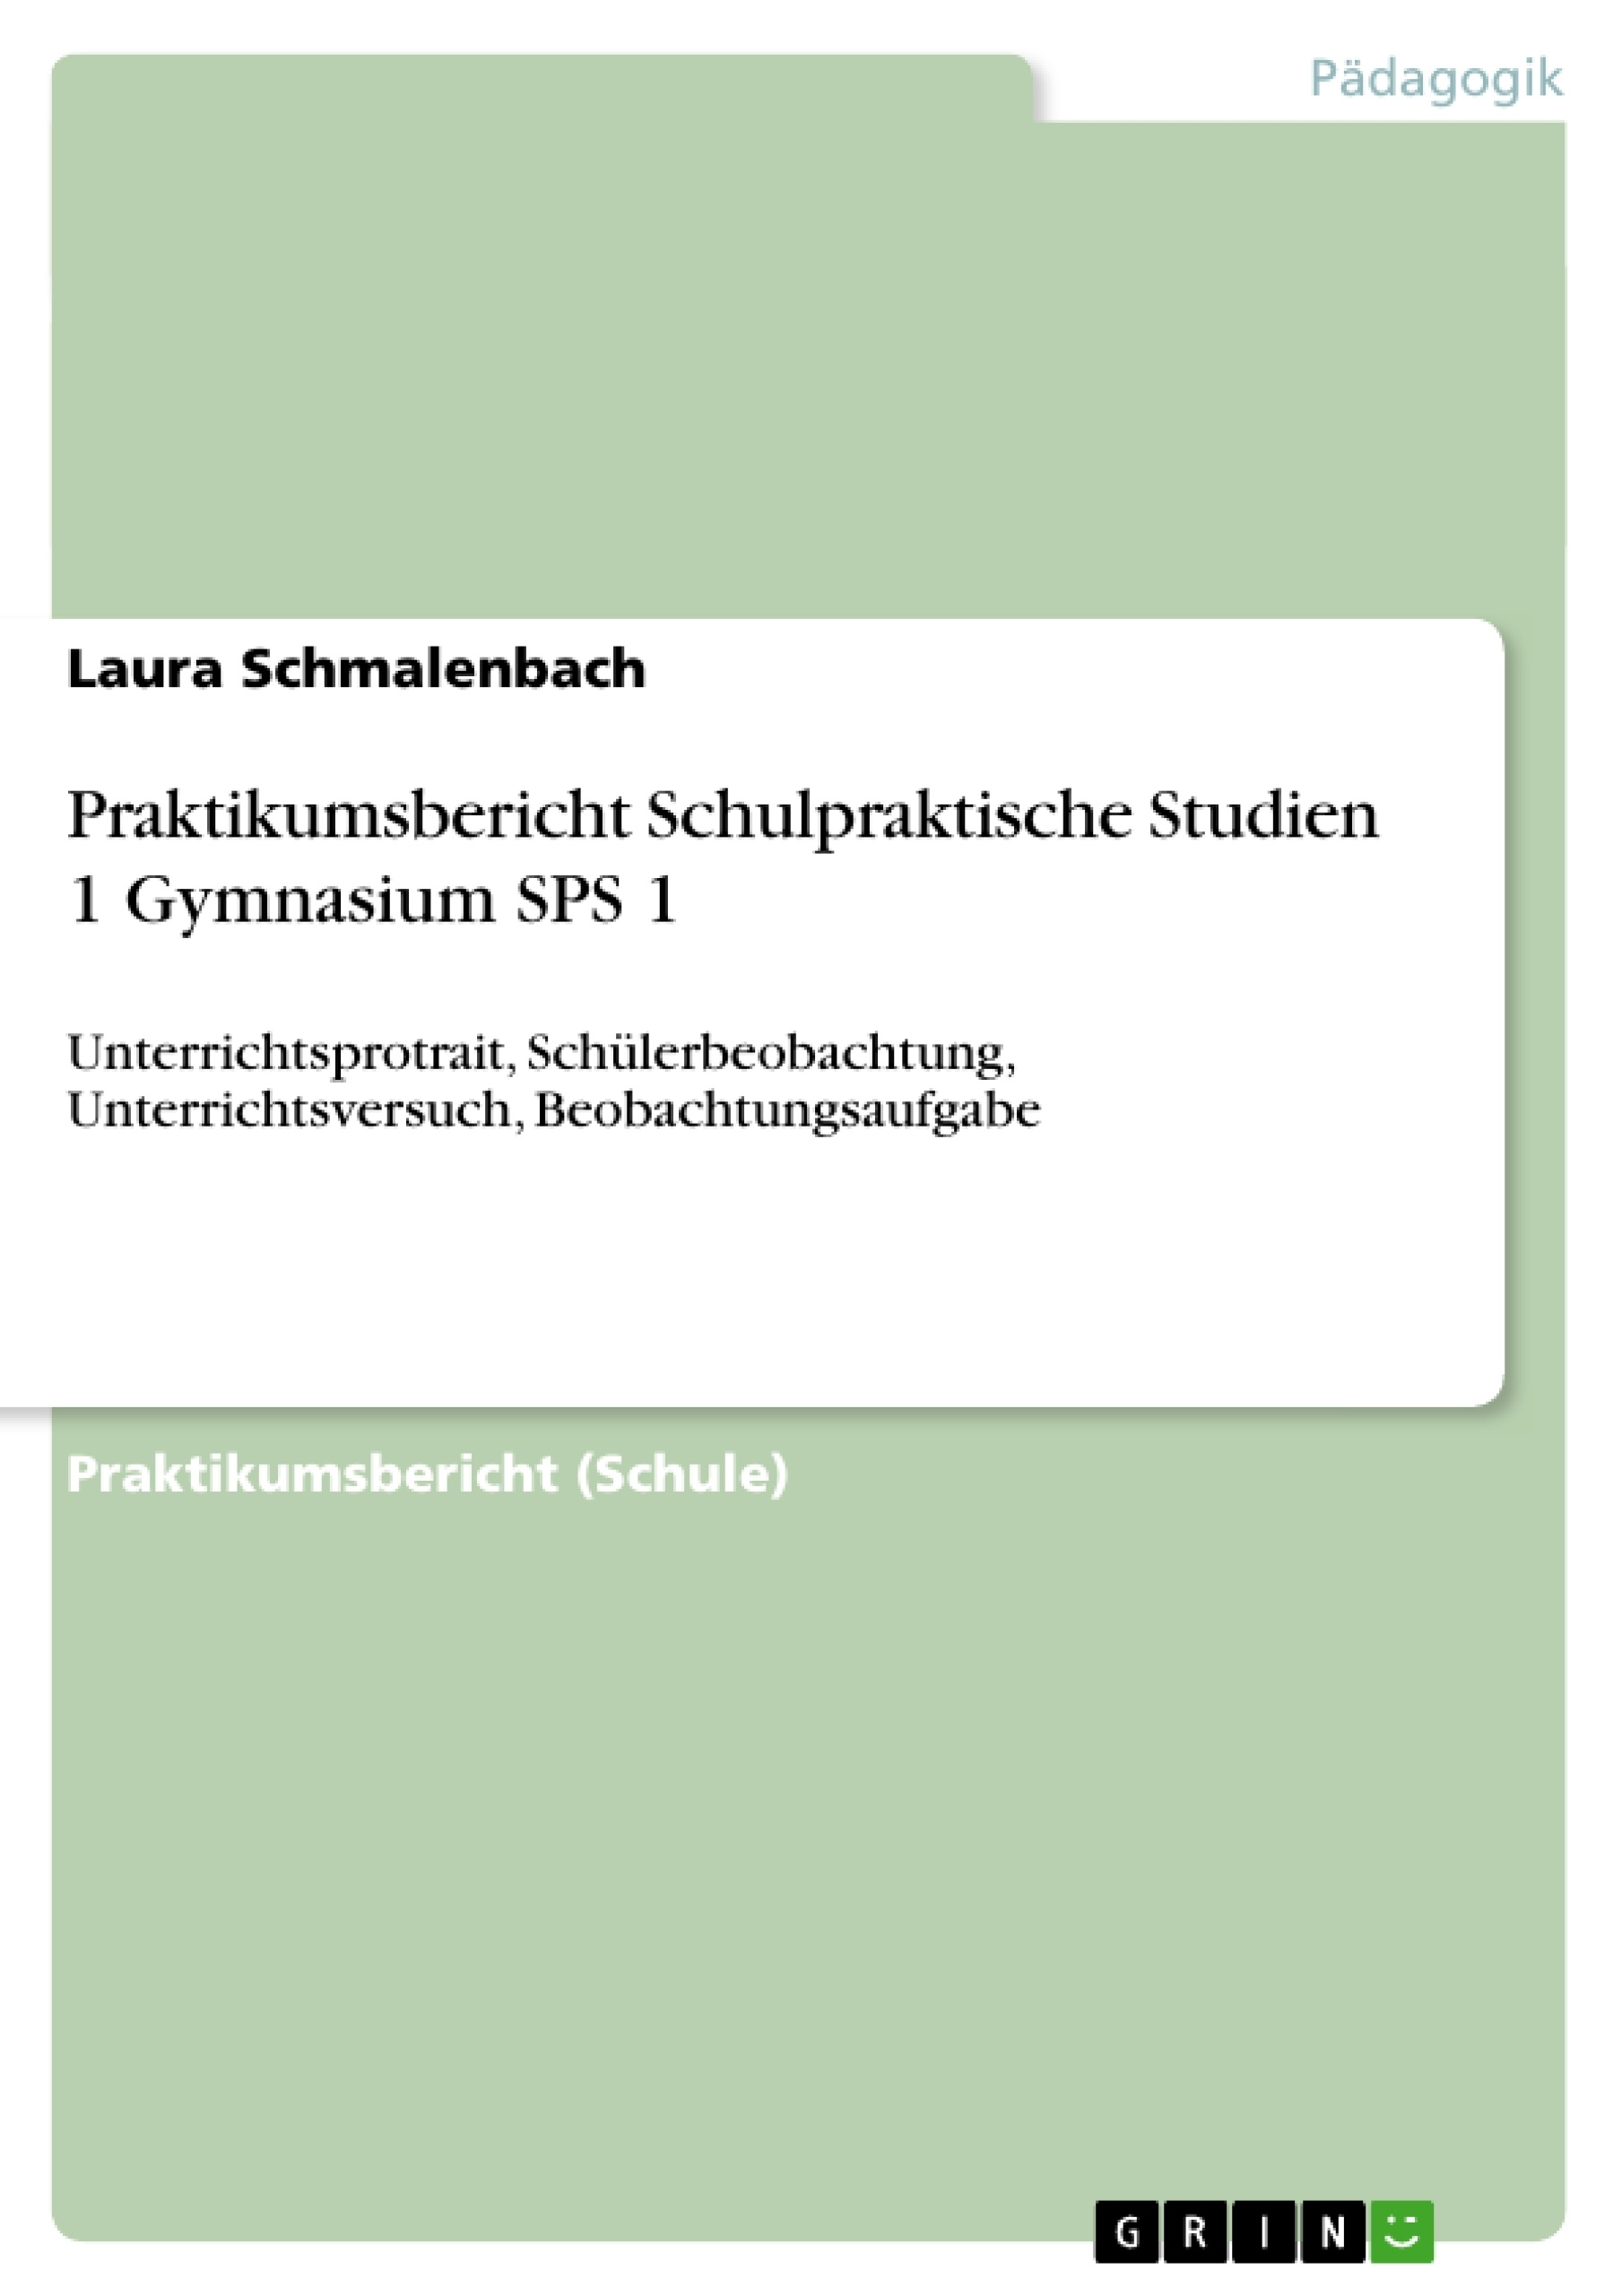 Titel: Praktikumsbericht Schulpraktische Studien 1 Gymnasium SPS 1